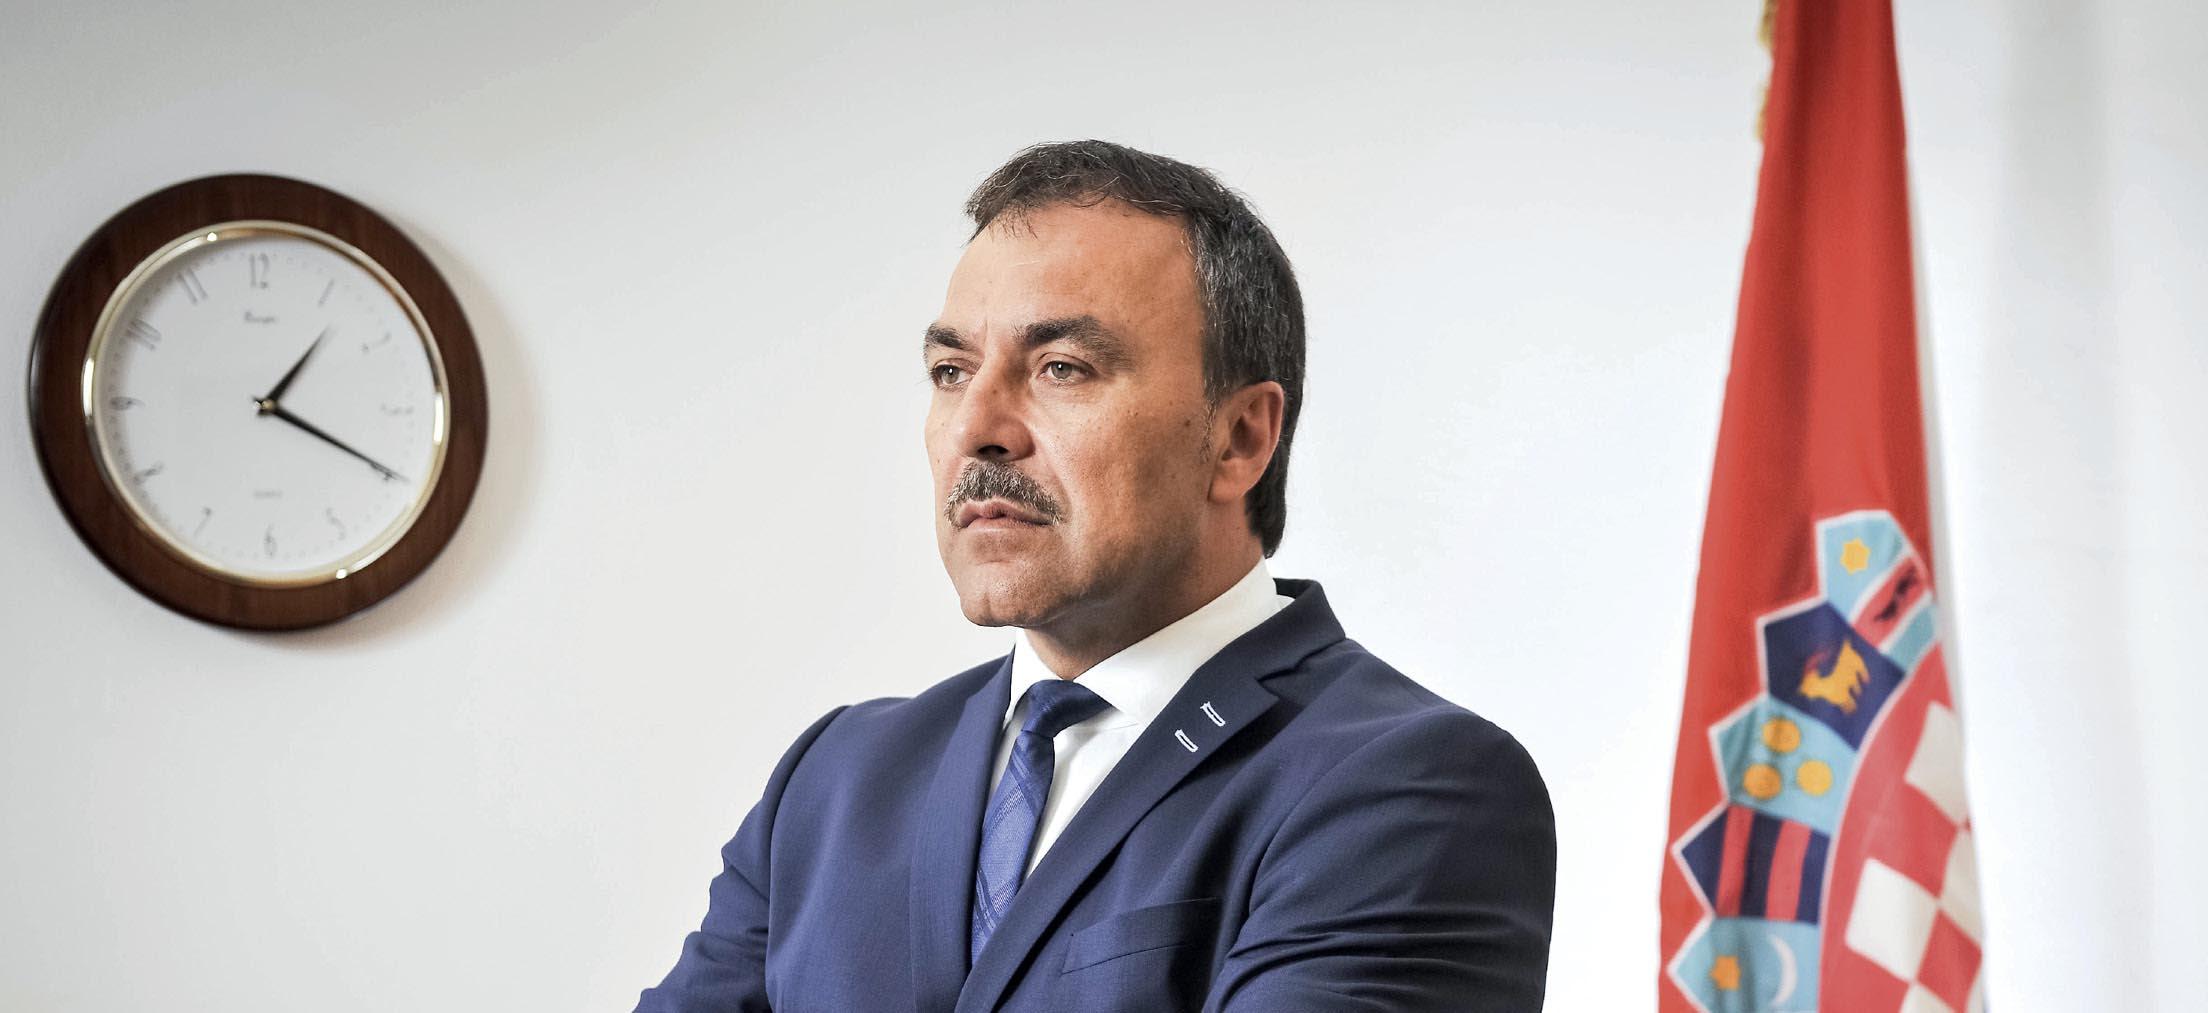 EKSKLUZIVNI INTERVJU Vlaho Orepić: 'Crkva neprimjereno s oltara sugerira politički izbor i kao vjernik to osuđujem'